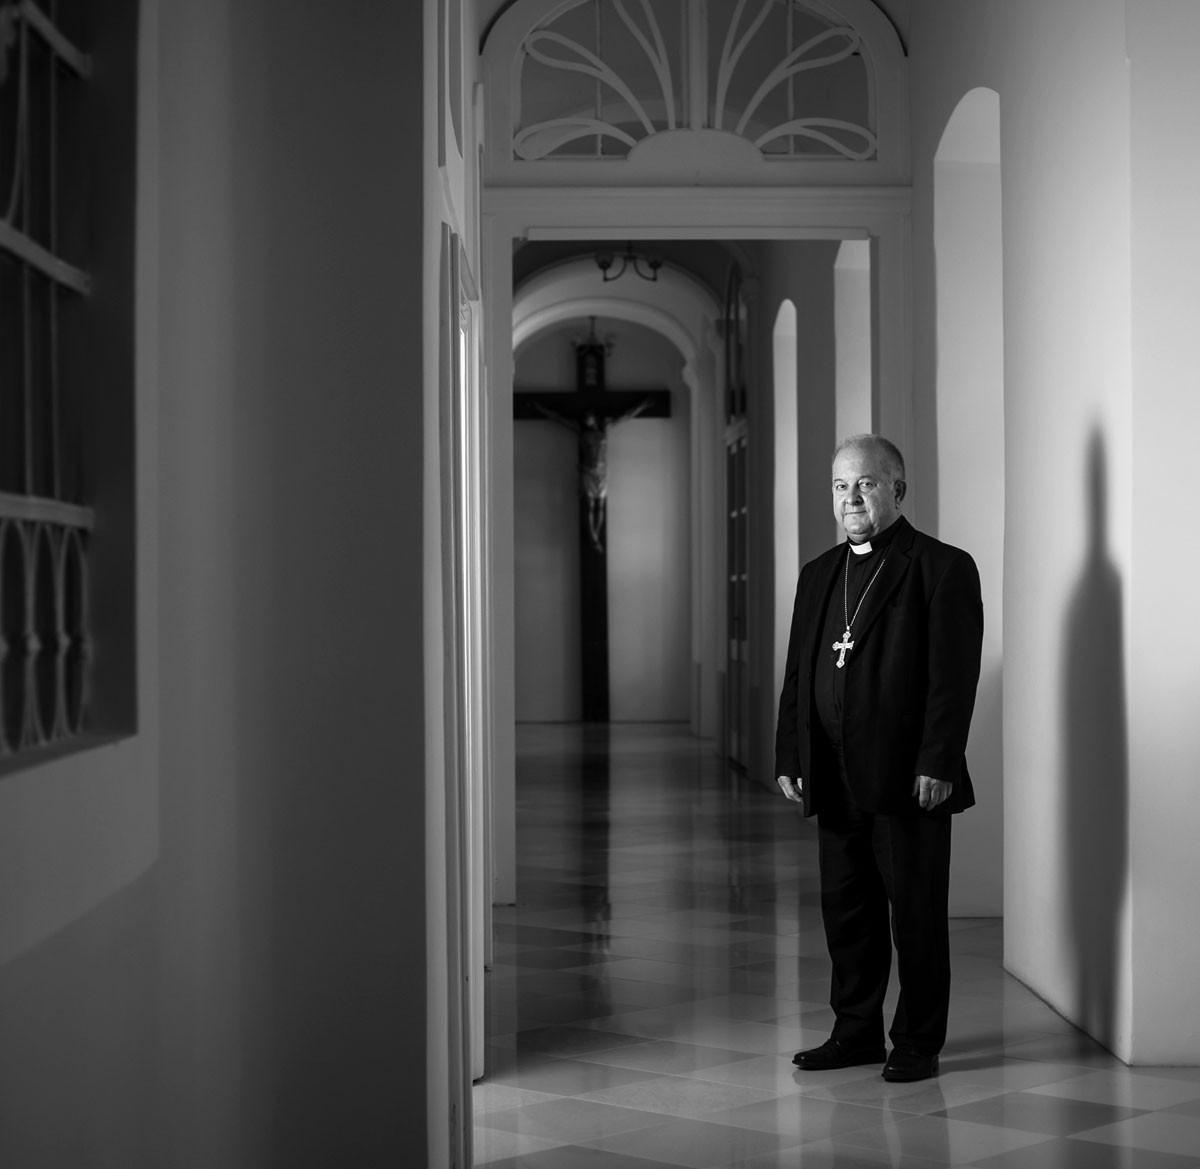 """""""…nem úgy voltam, mint Szent Pál, aki egyházüldöző volt, aztán a földre terült, és megvilágosodott…"""""""